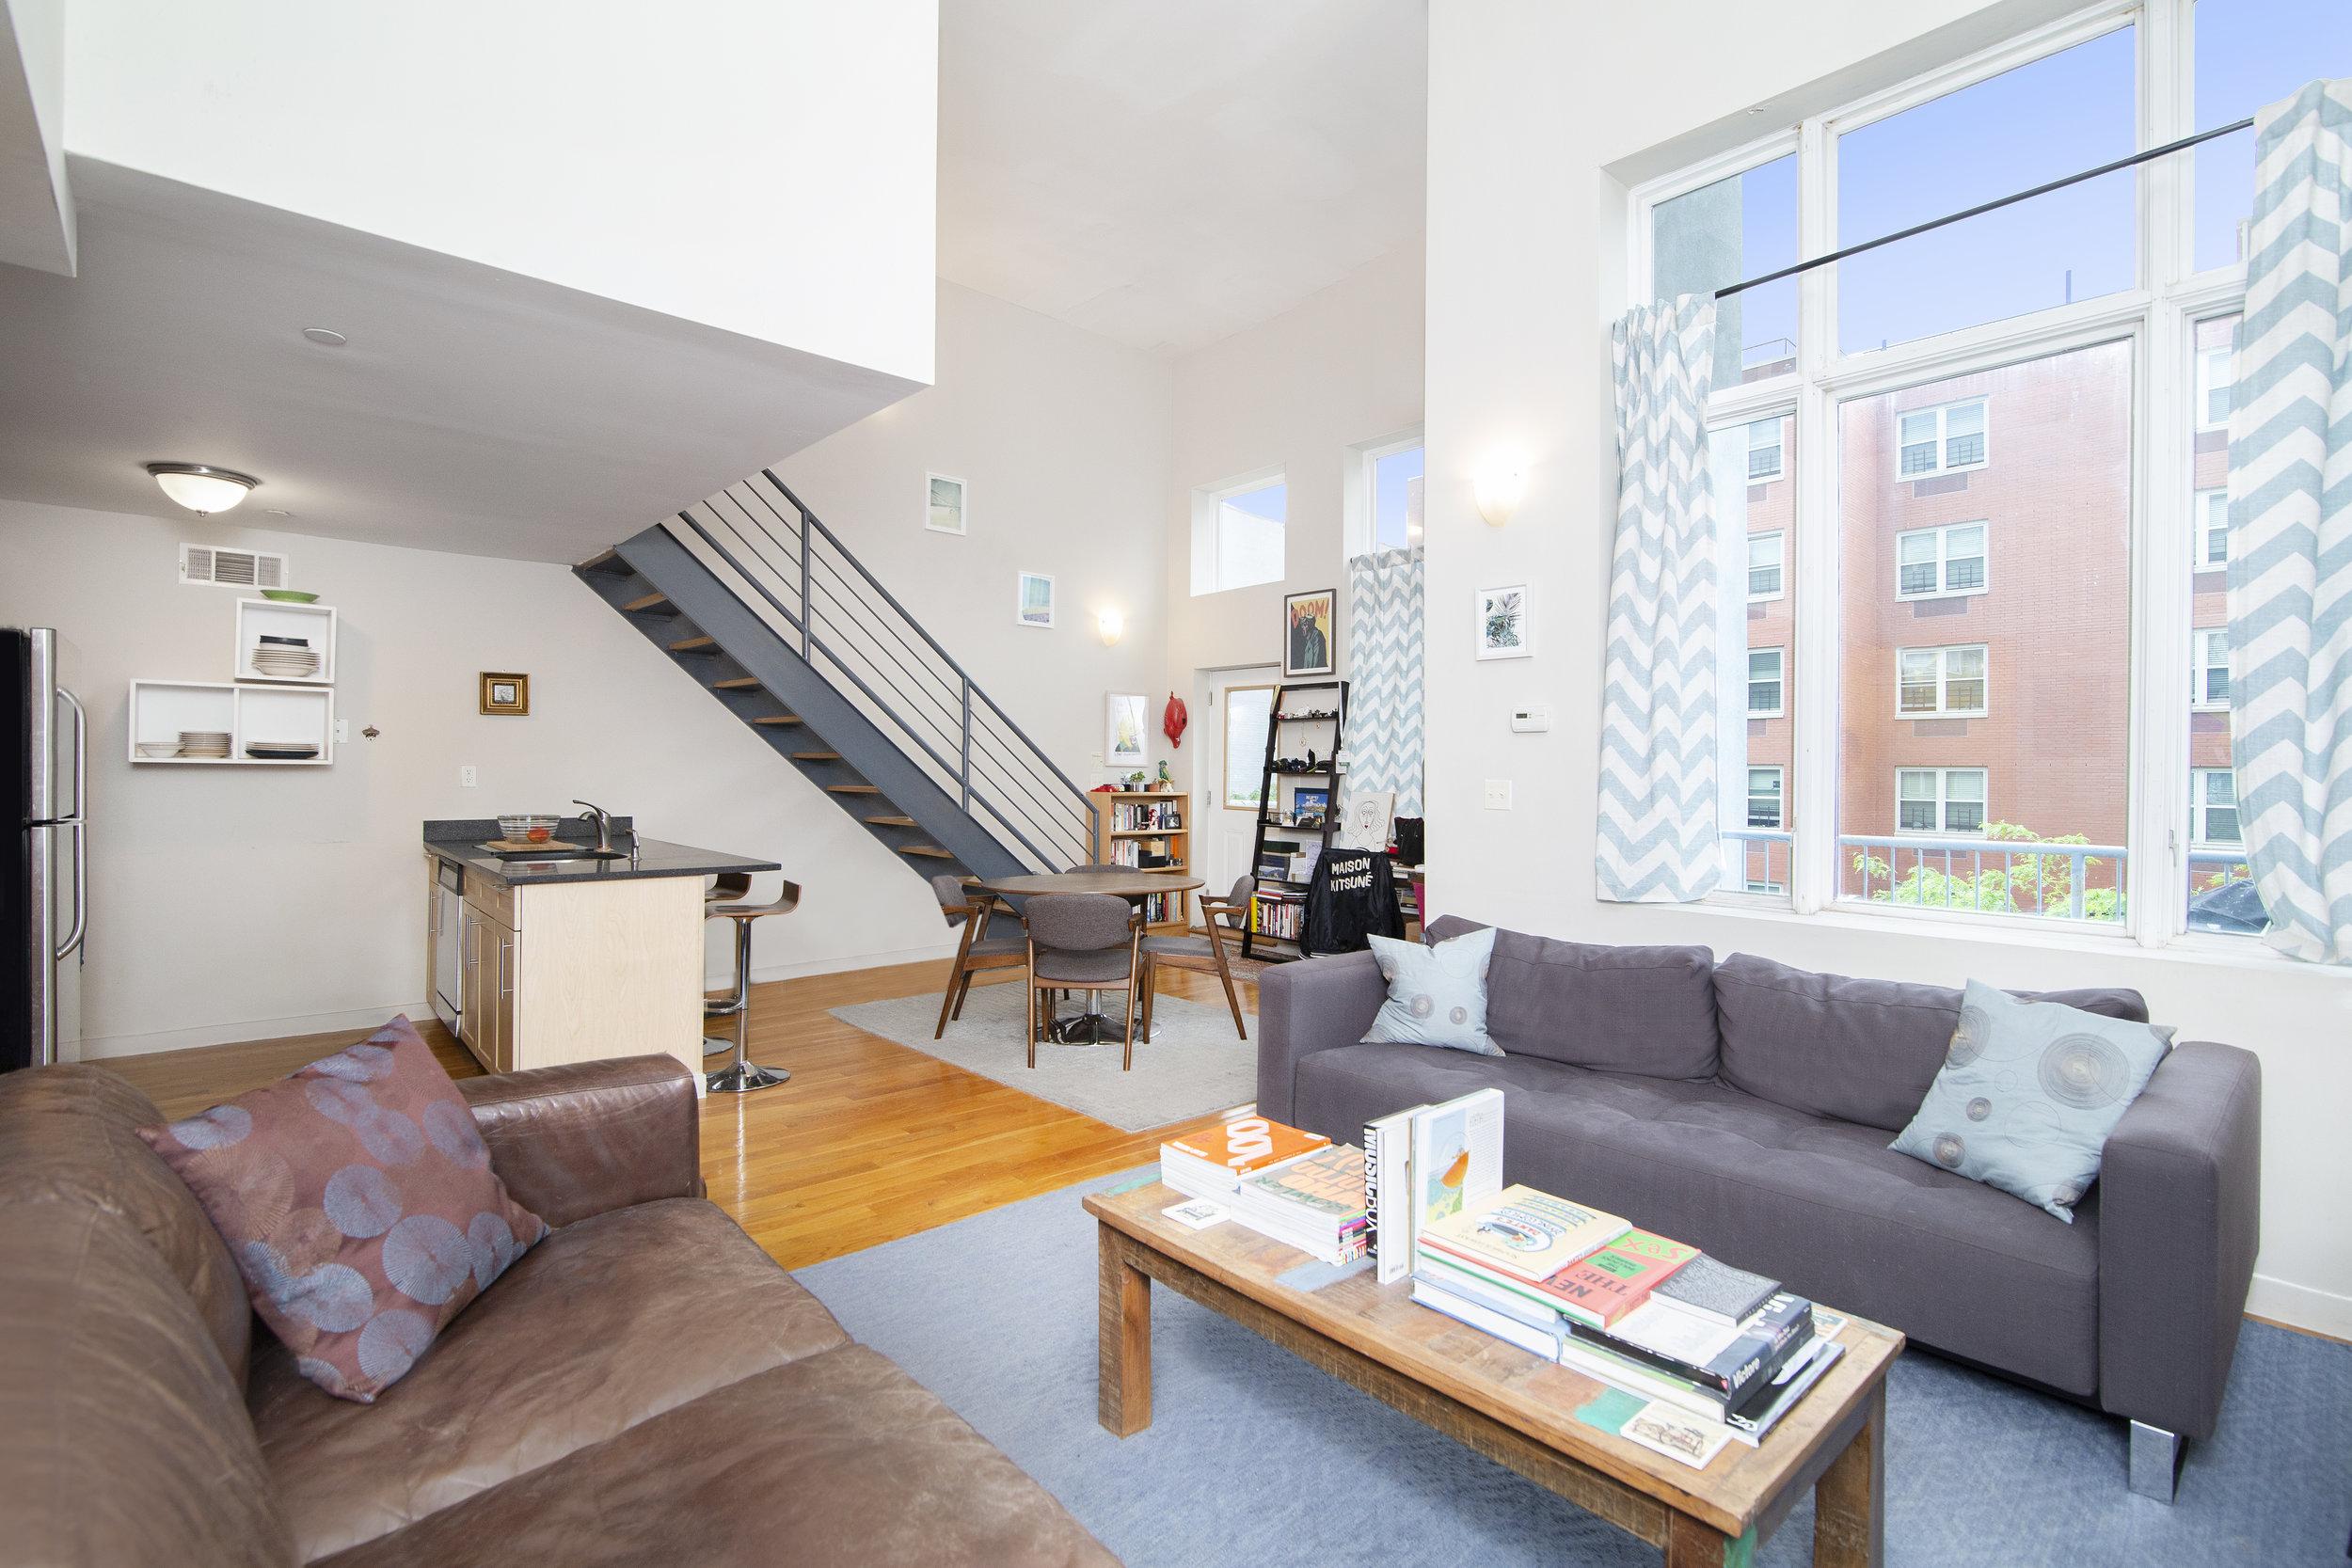 $2,350/month 1.0 BD   2.0 BA   900 SF  Bedford Stuyvesant  800 Dekalb Avenue